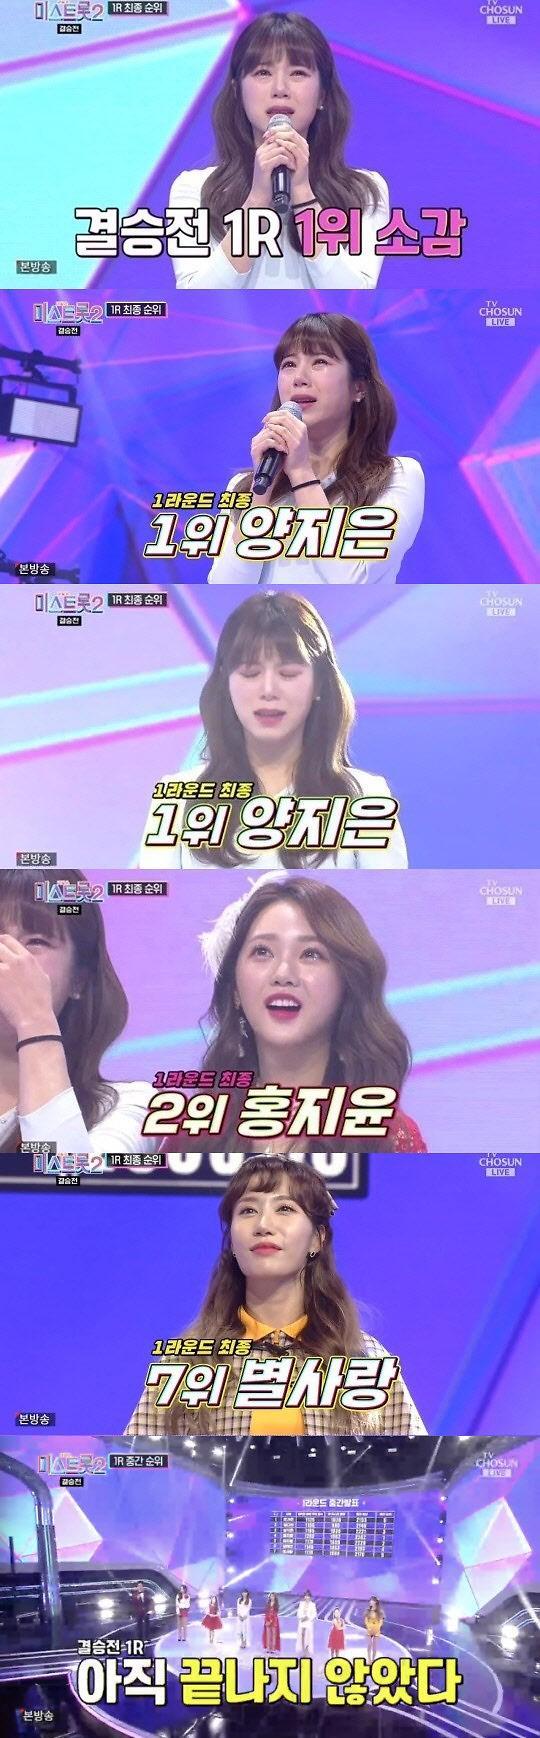 [간밤의 TV] 미스트롯2 대이변…결승 1라운드 양지은 1위, 눈물 펑펑